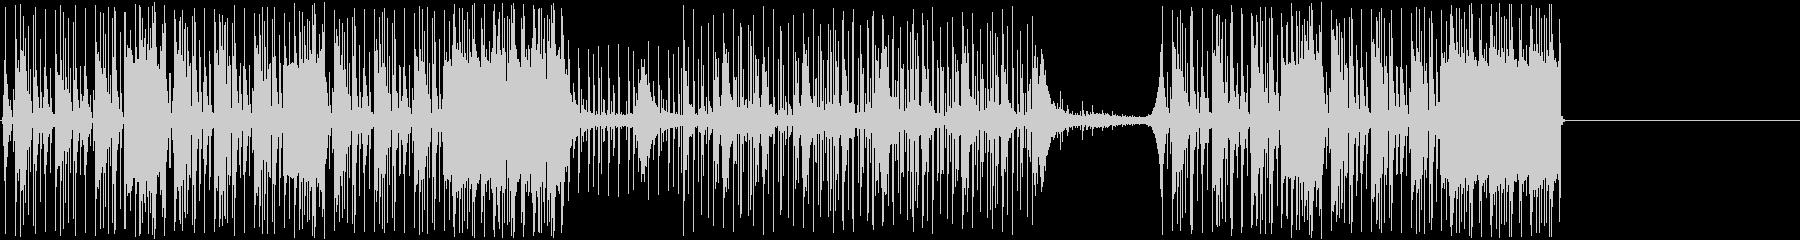 鼓動するエレクトロニカのドラムとベ...の未再生の波形